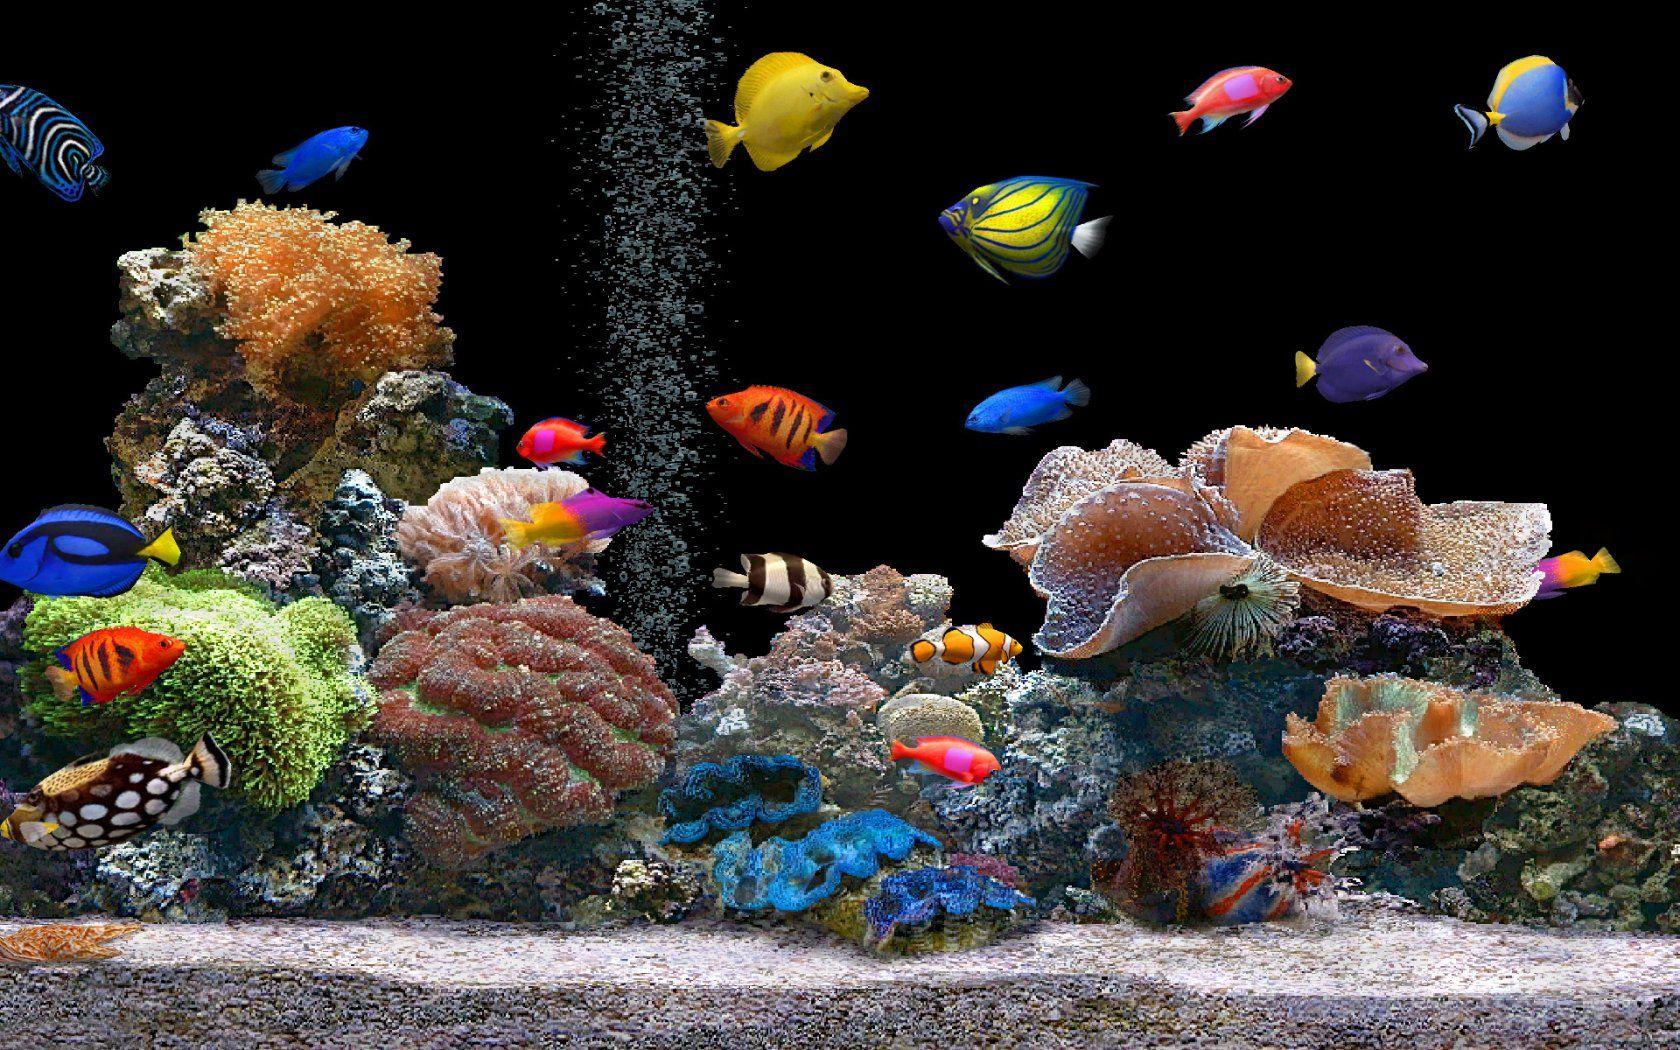 fond d'ecran anime aquarium gratuit telecharger